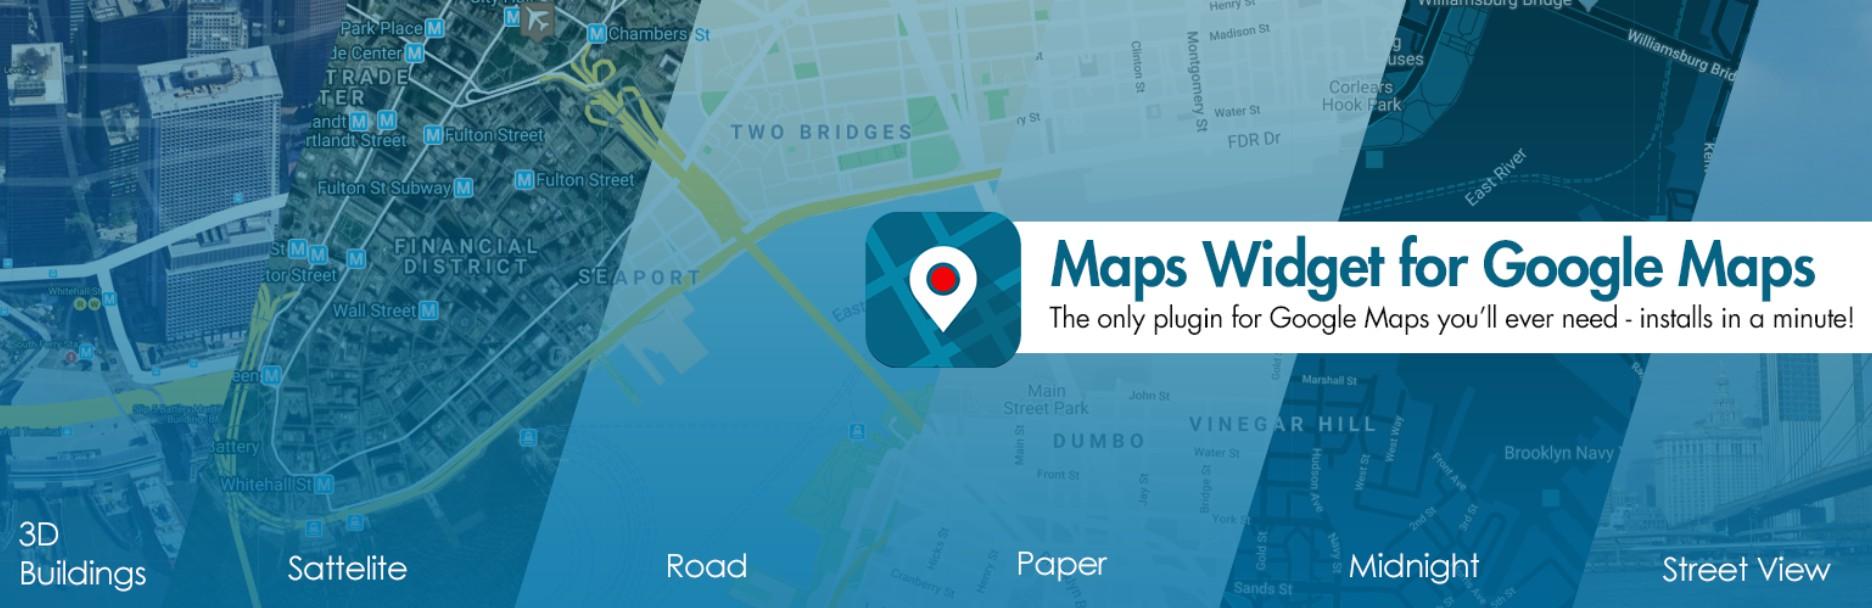 Widget de mapas para Google Maps